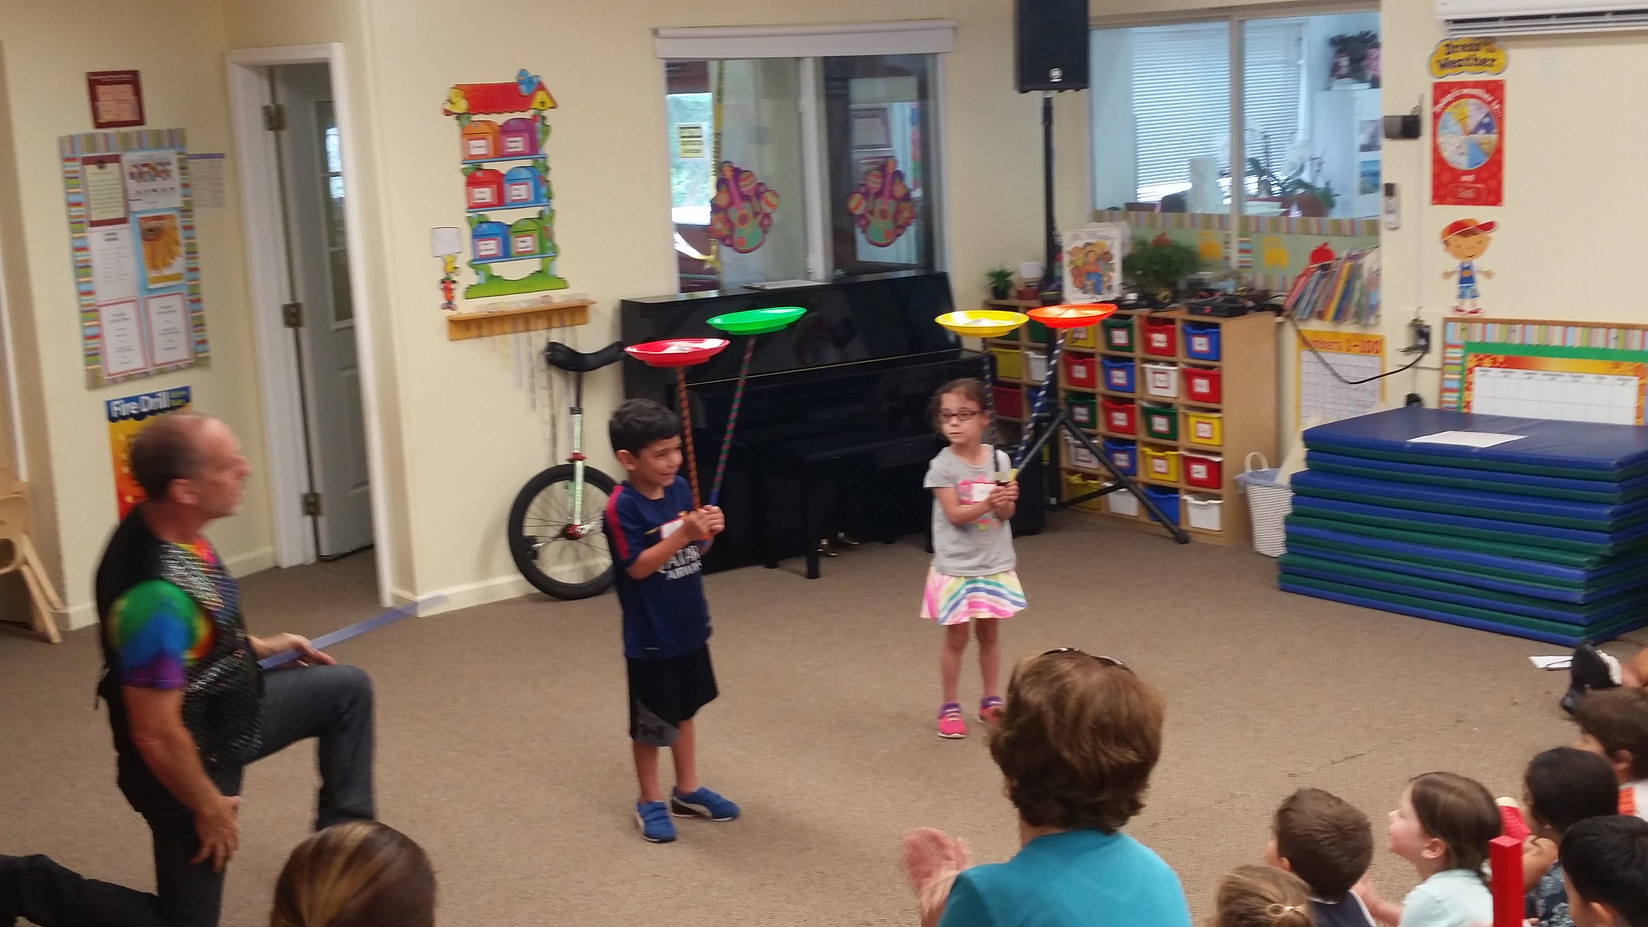 Balancing-Workshop-For-Kids.jpg